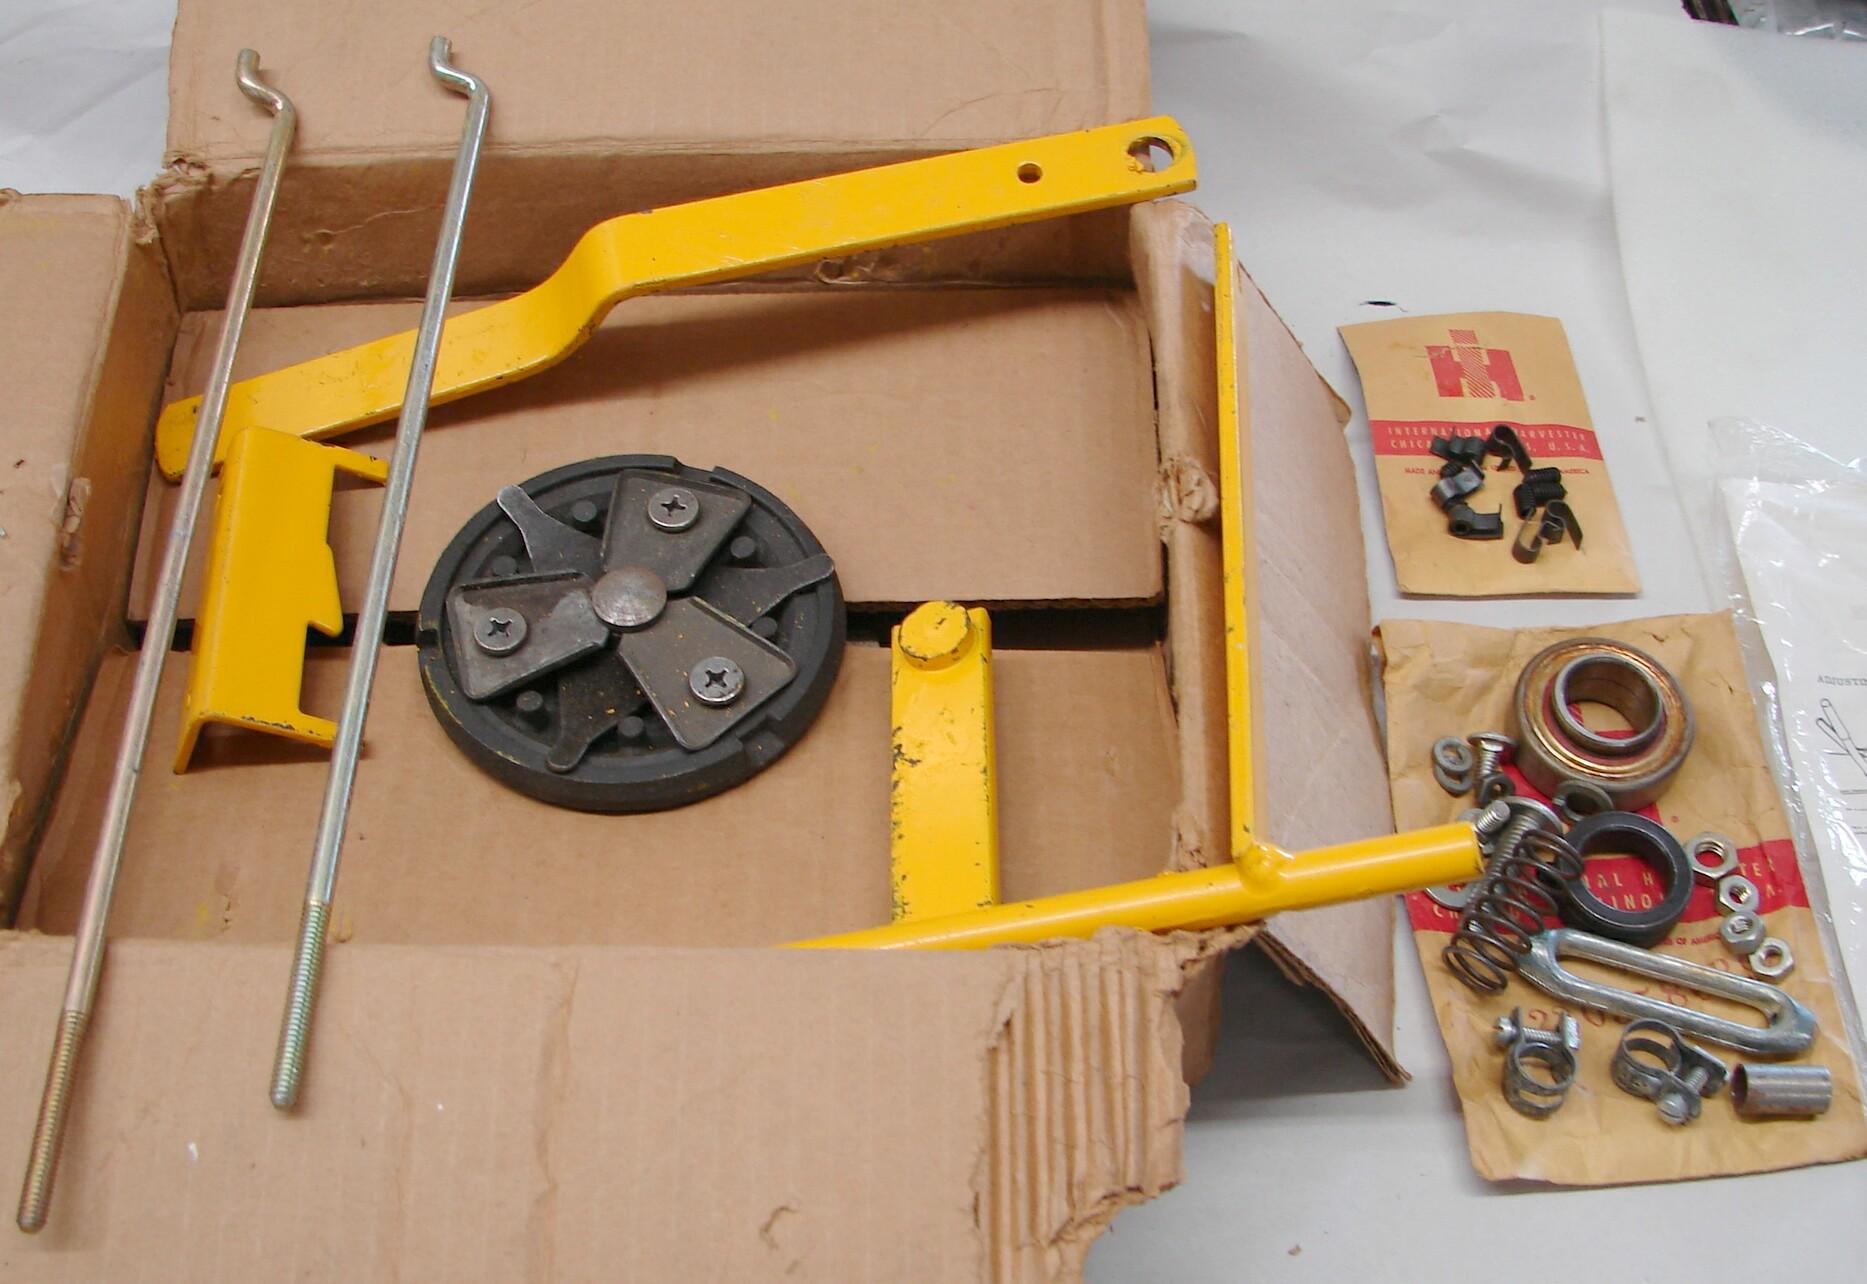 cub cadet wiring diagram lt1045 obd2a ecu i1050 mower pto switch